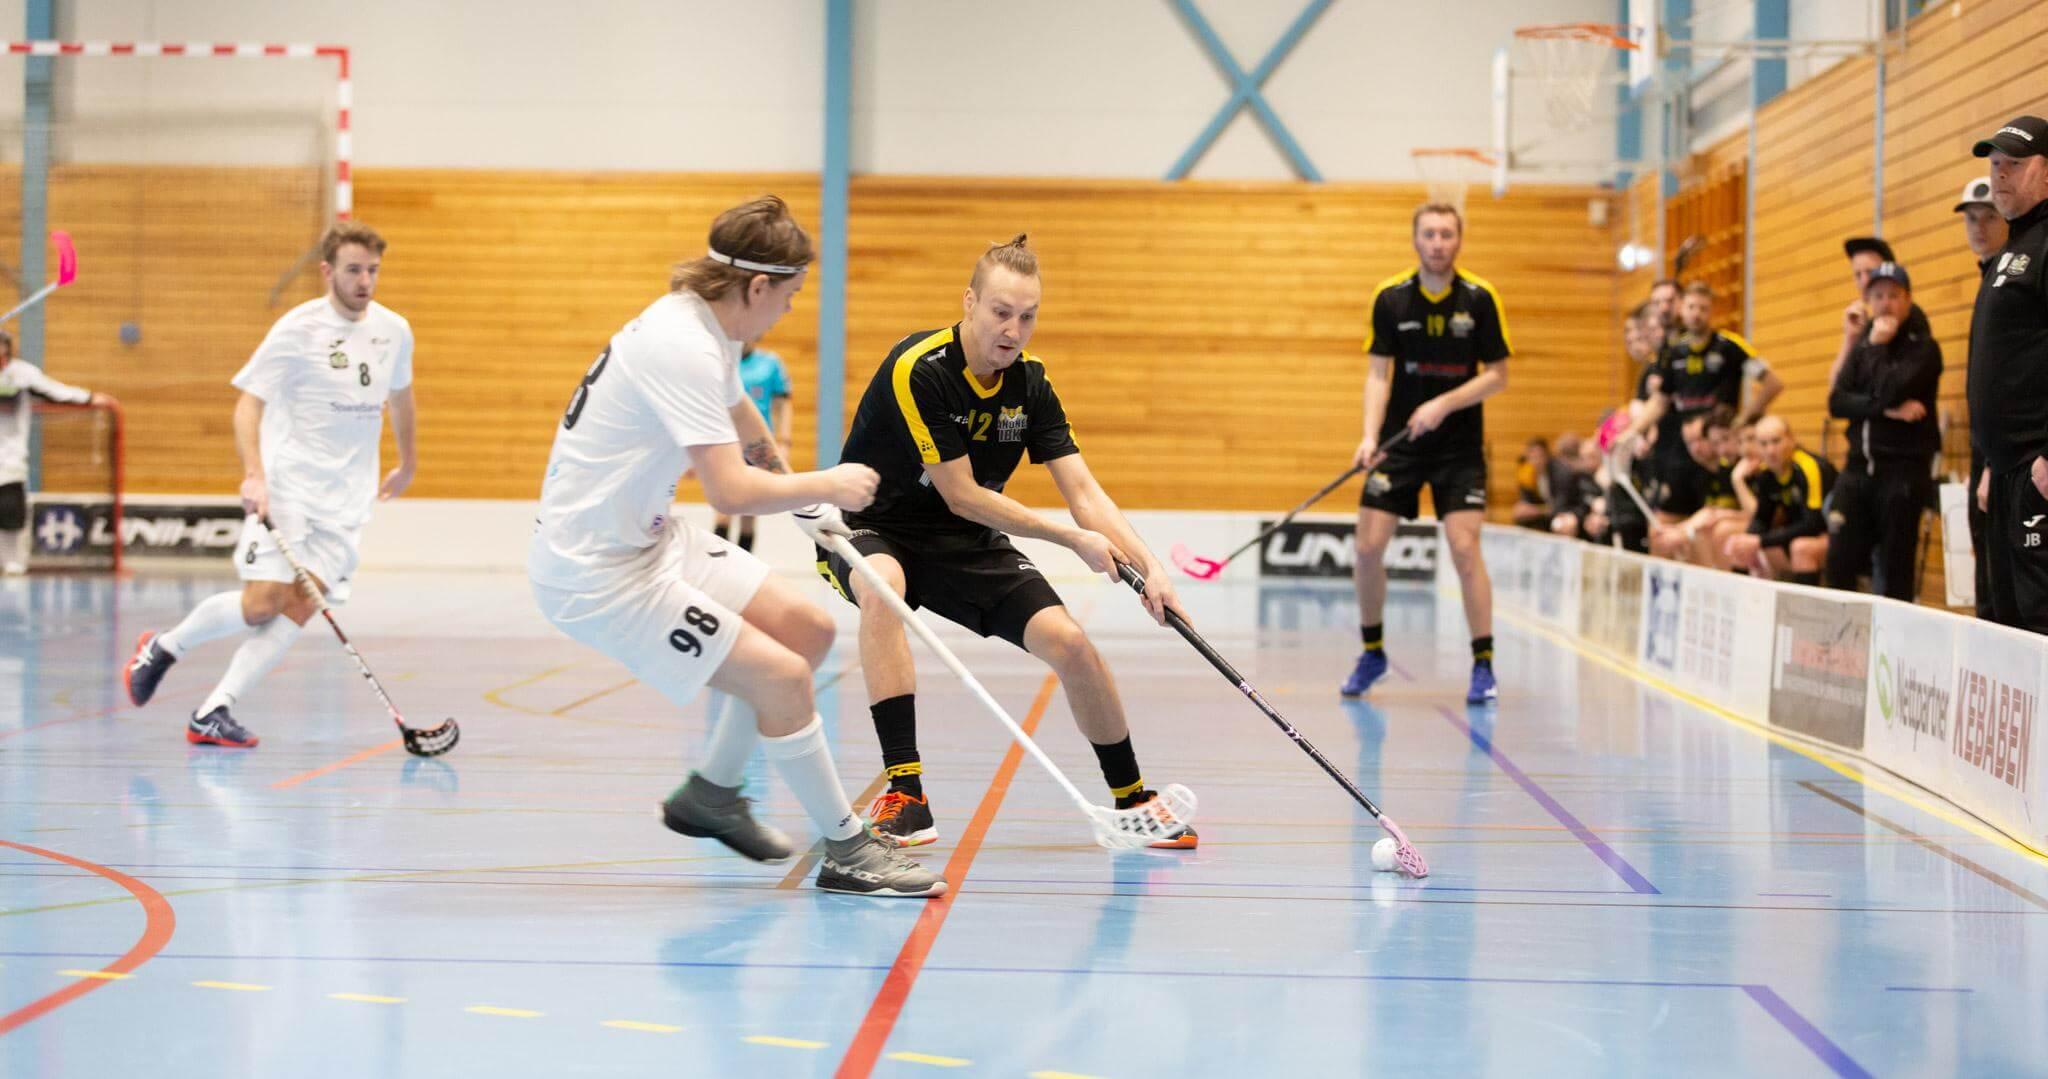 Det ble tre scoringer og en assist fra finske Tuomo Manninen mot Gjelleråsen. Foto: Børge Andreassen